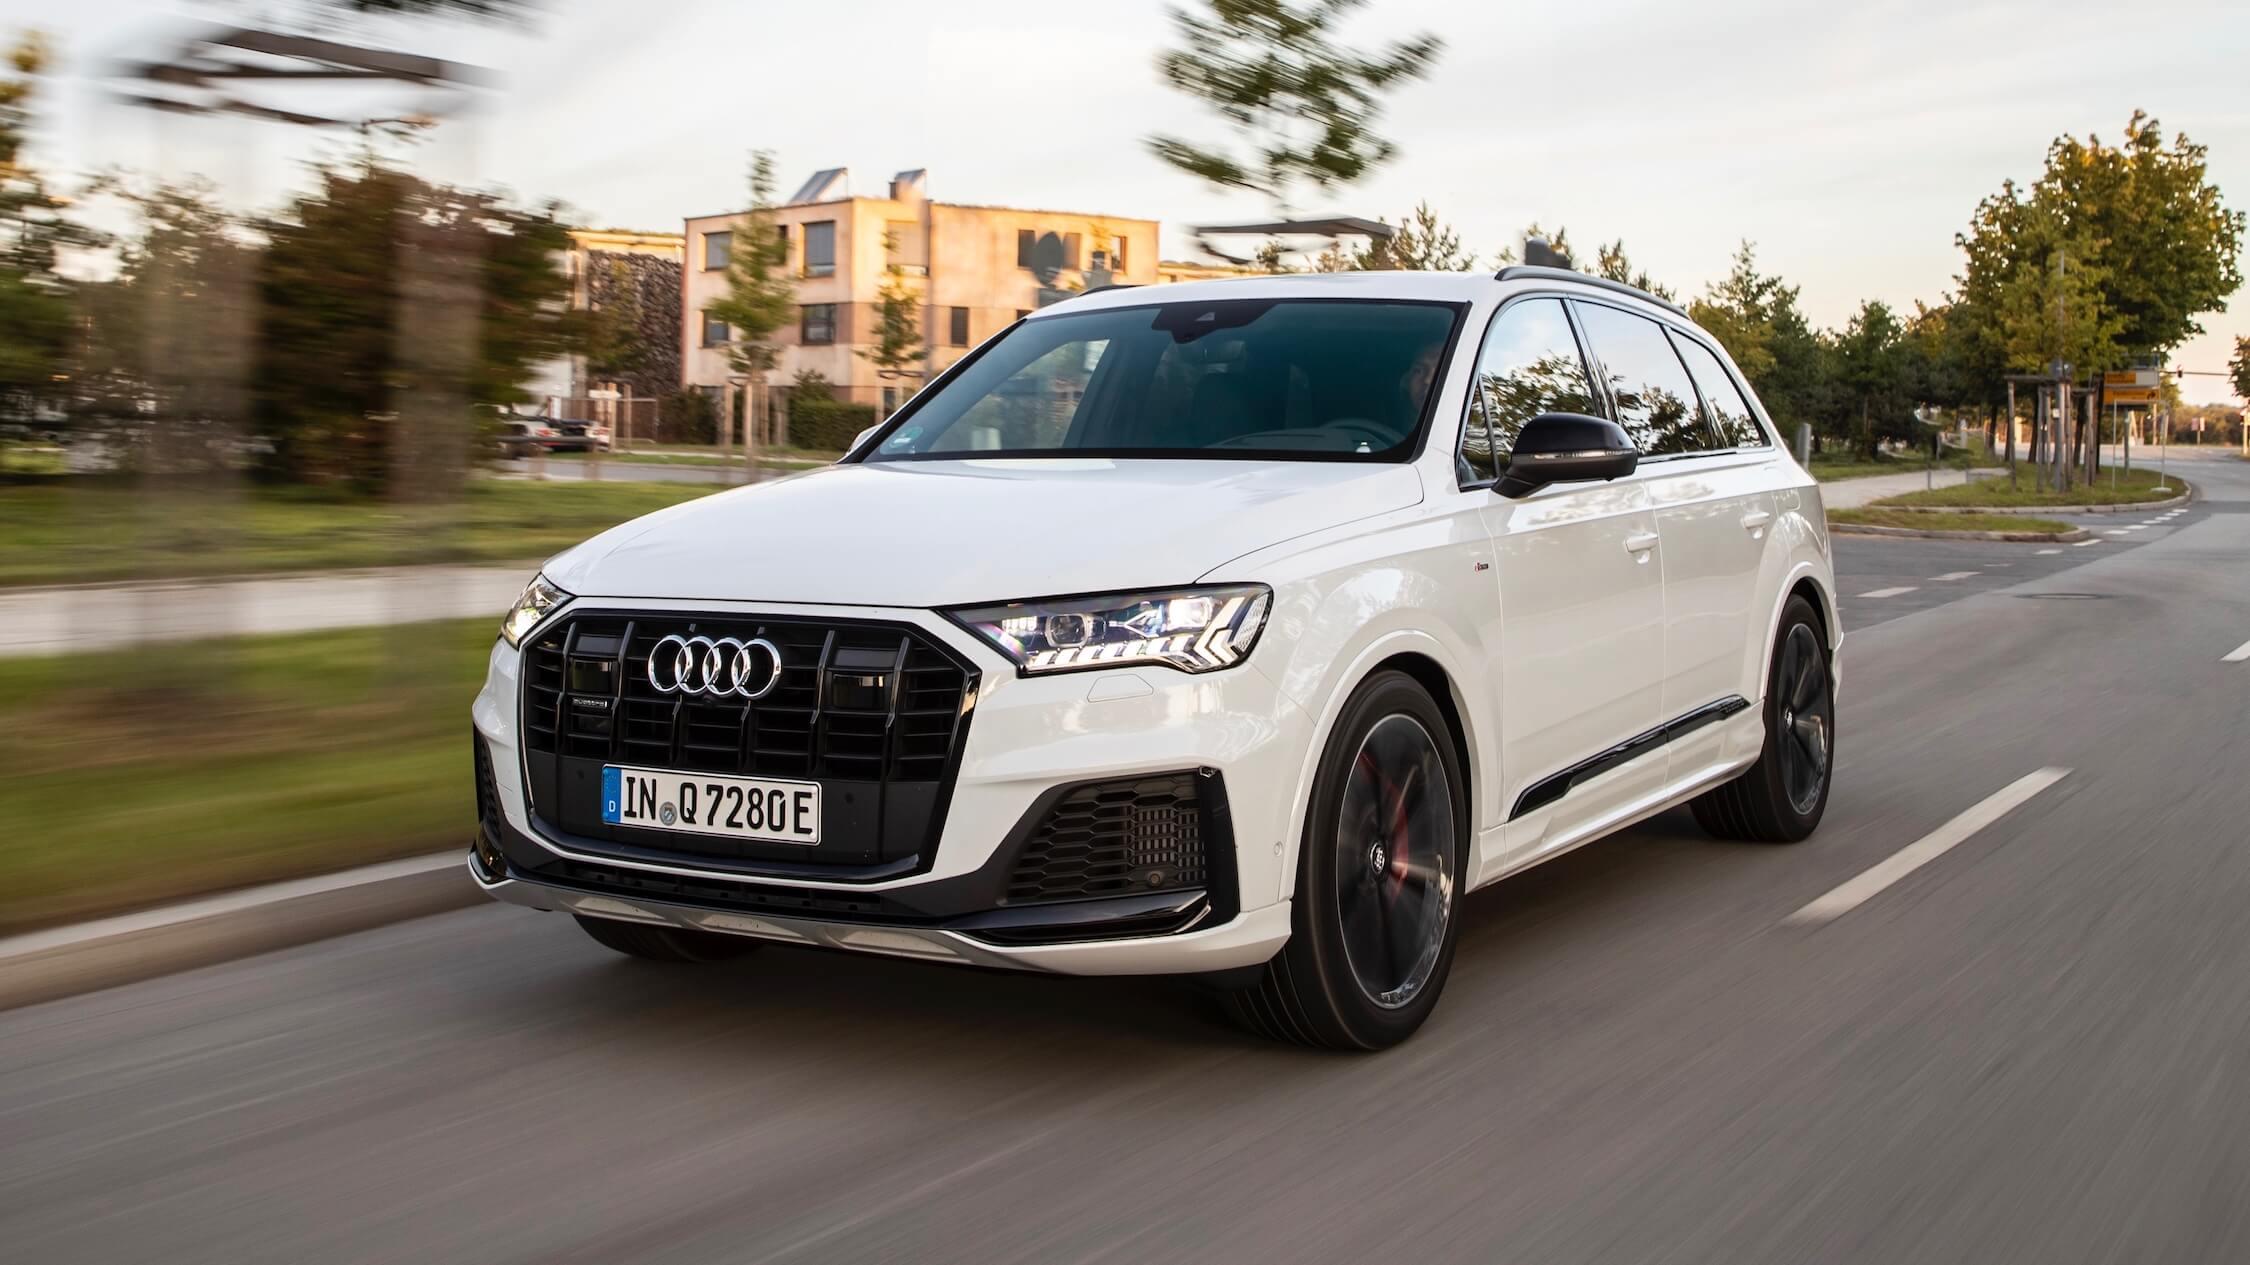 Audi Q7 hybride 2020